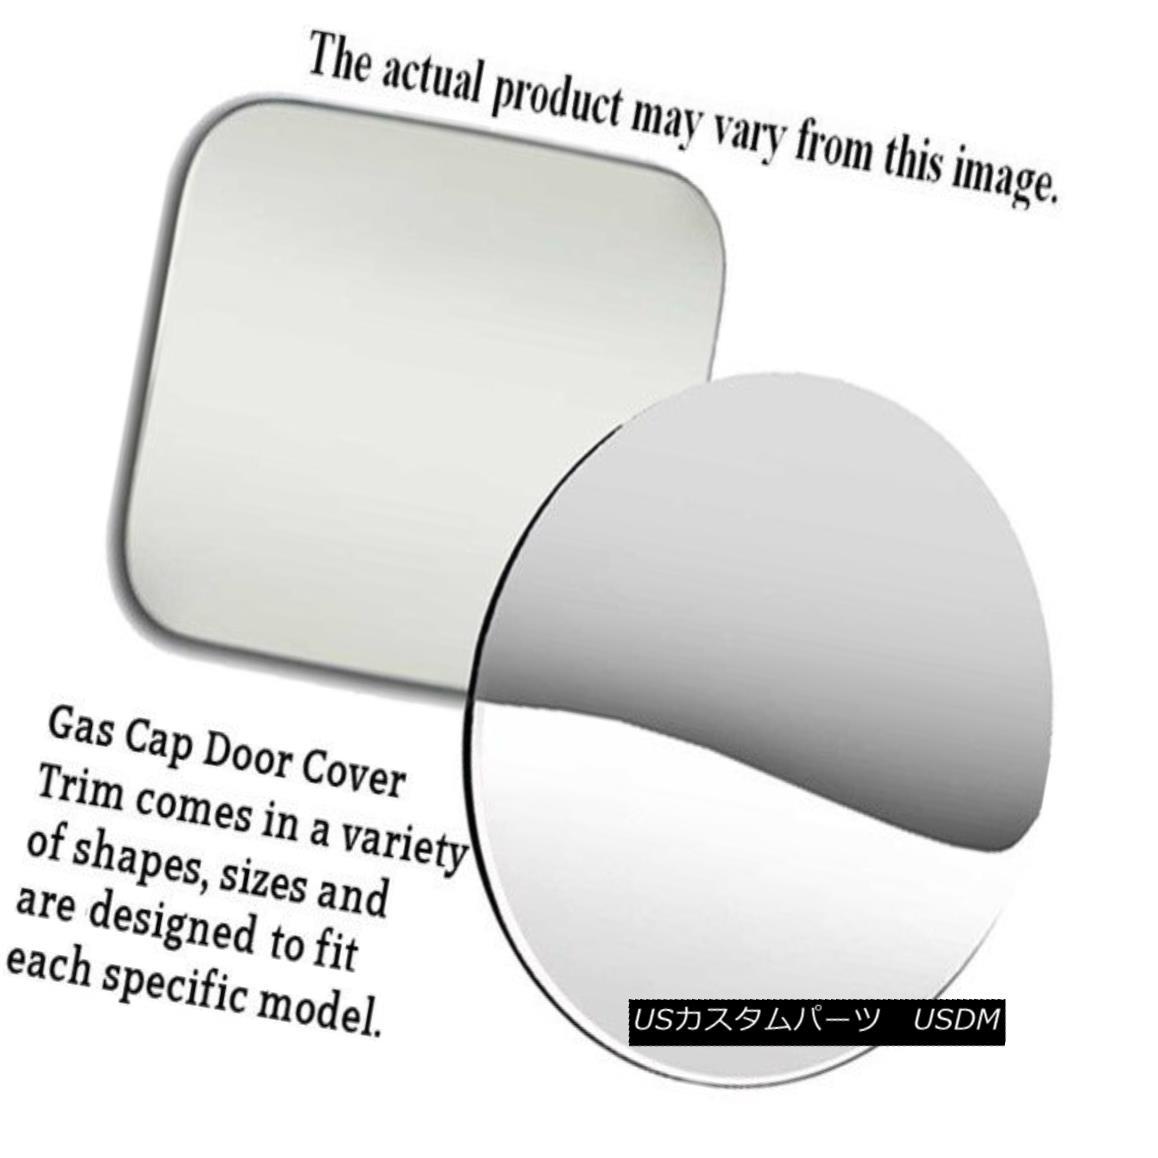 グリル Fits 1991-1996 BUICK PARK AVENUE 4-door -Stainless Steel GAS CAP DOOR フィット1991-1996 BUICK PARK AVENUE 4ドア - ステンレススチールGAS CAP DOOR